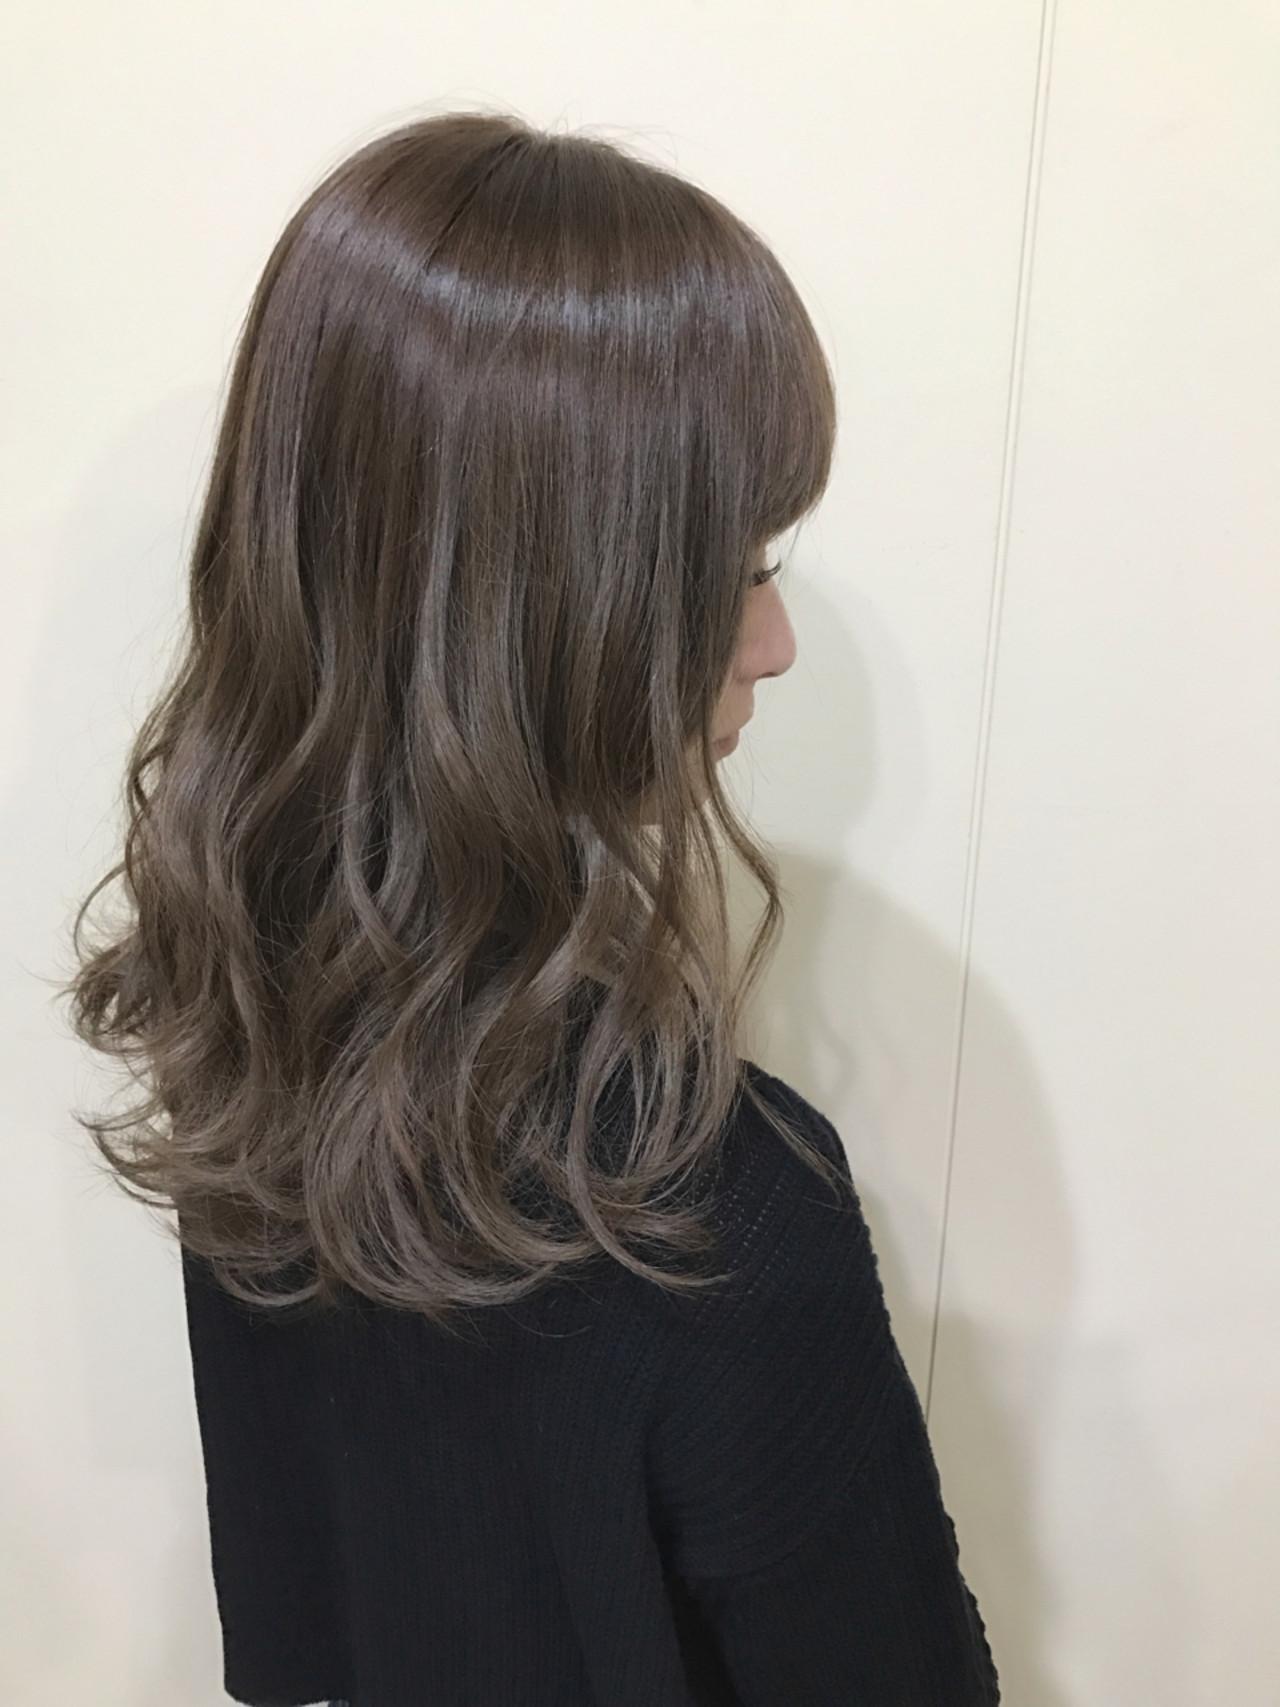 アッシュグレージュ アッシュ モード 外国人風カラー ヘアスタイルや髪型の写真・画像 | サワ / Seamu